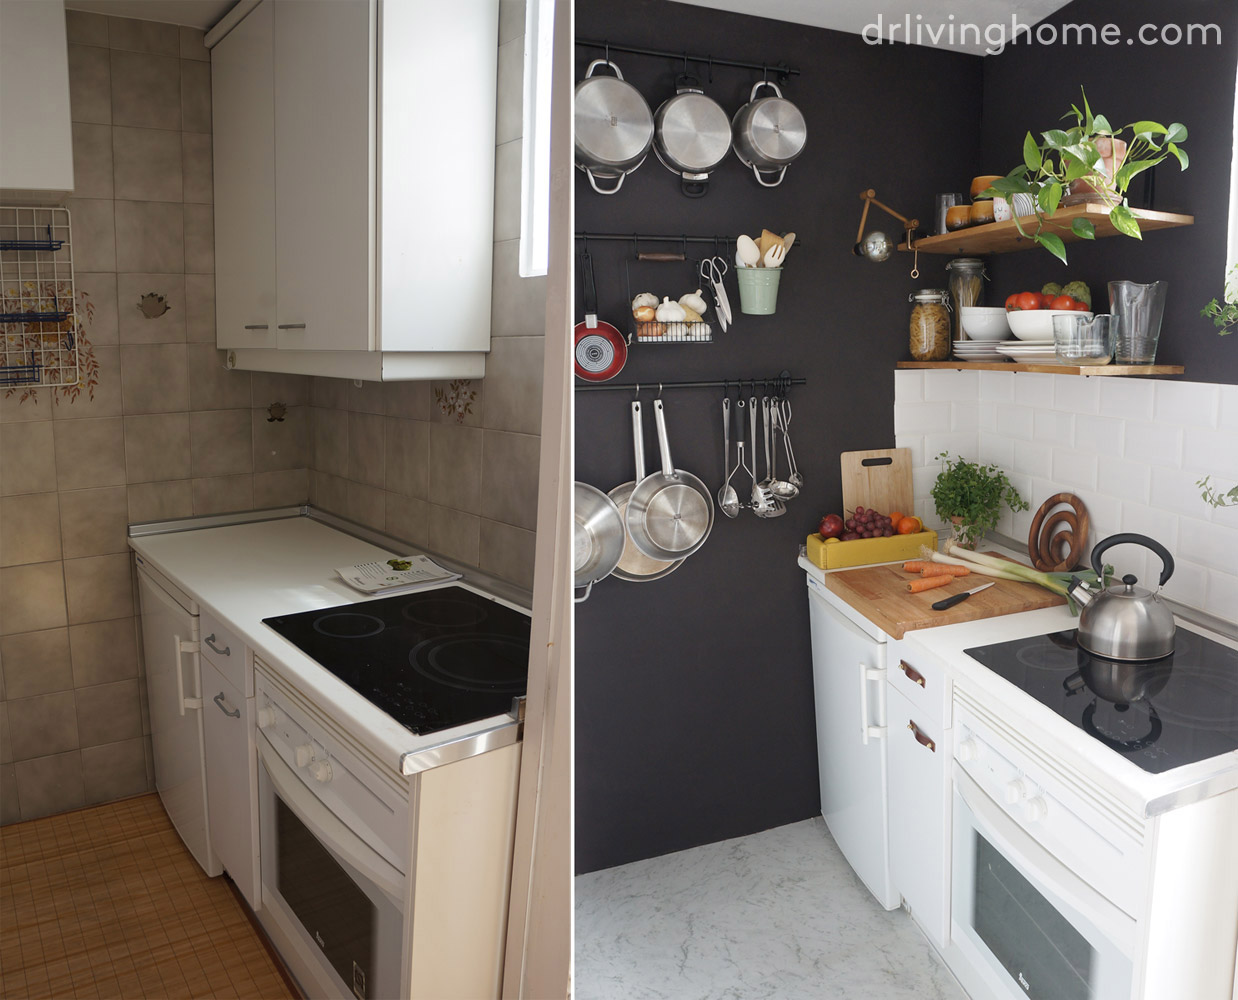 C mo ordenar una cocina peque a para aprovechar el espacio blog decoraci n con tu estilo - Aprovechar cocinas pequenas ...